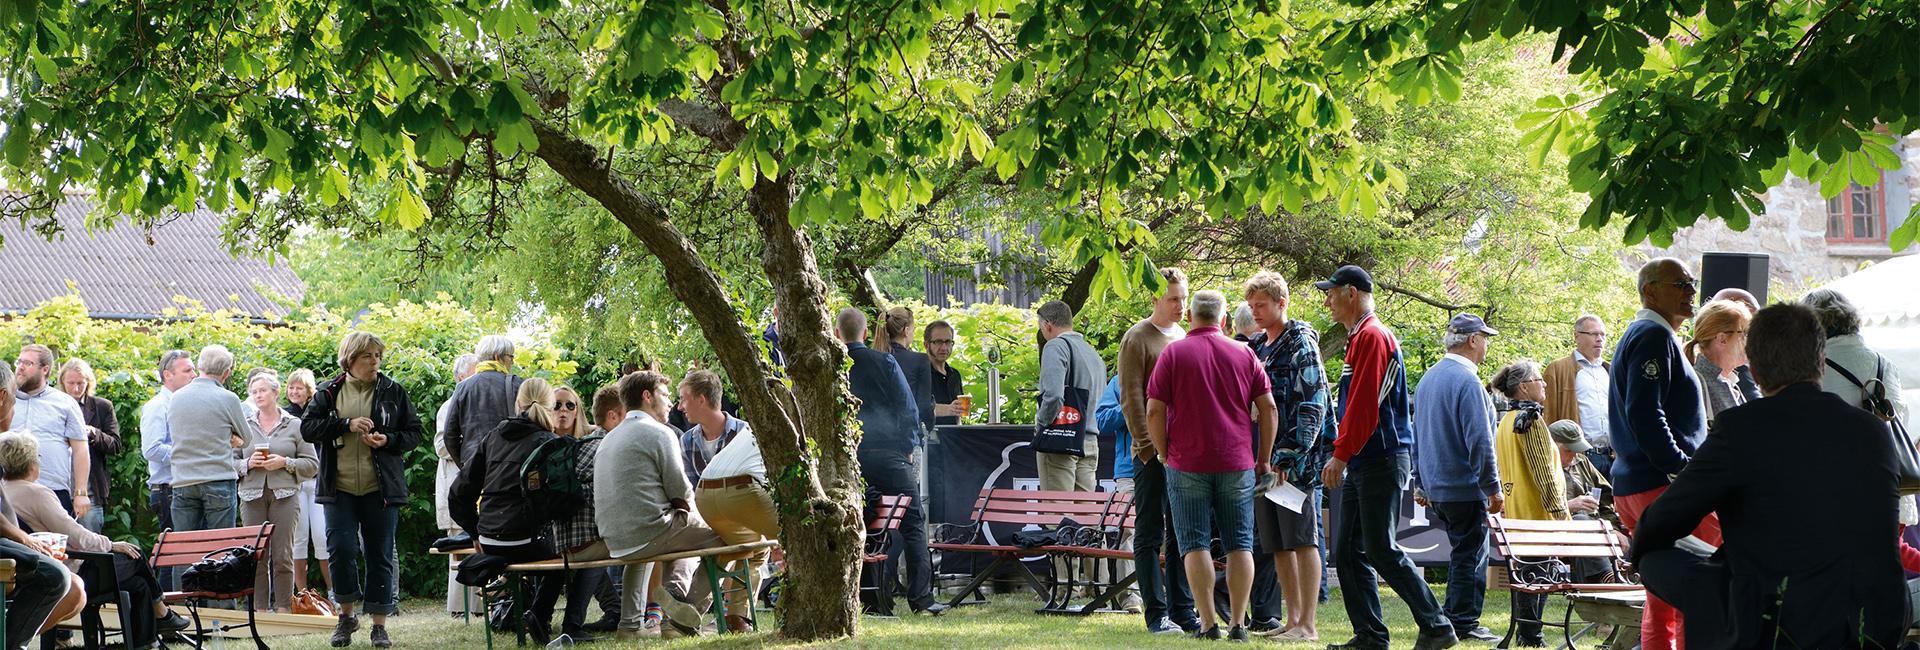 Folkemødet 2018 på Bornholm